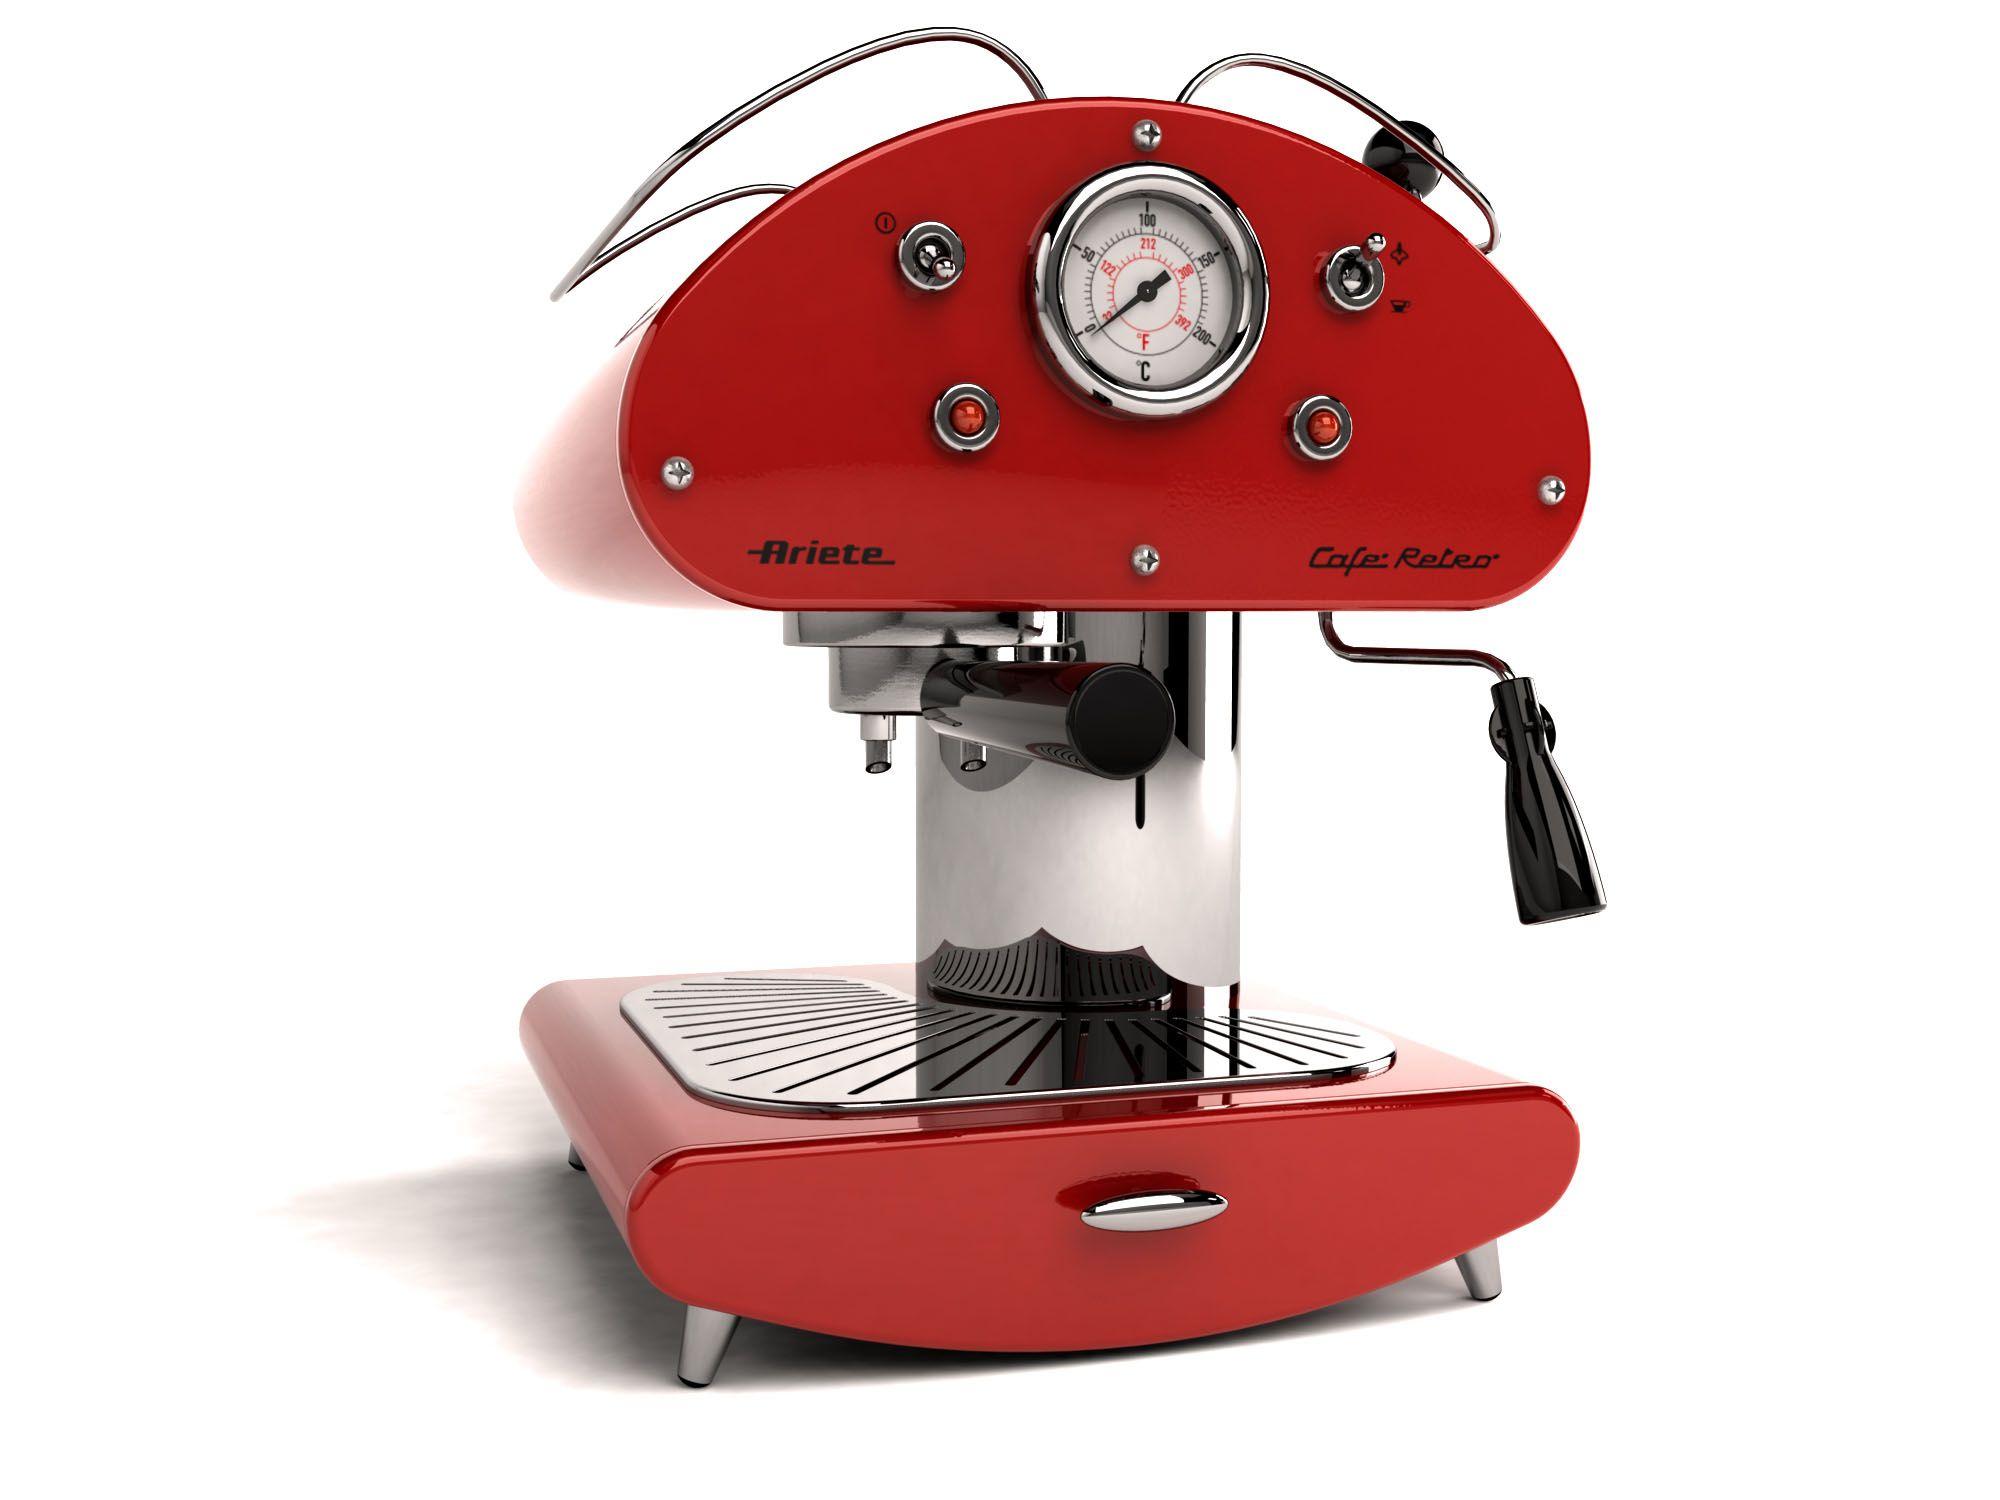 ariete cafe retro | caffeine | Pinterest | Caffeine and Cafes